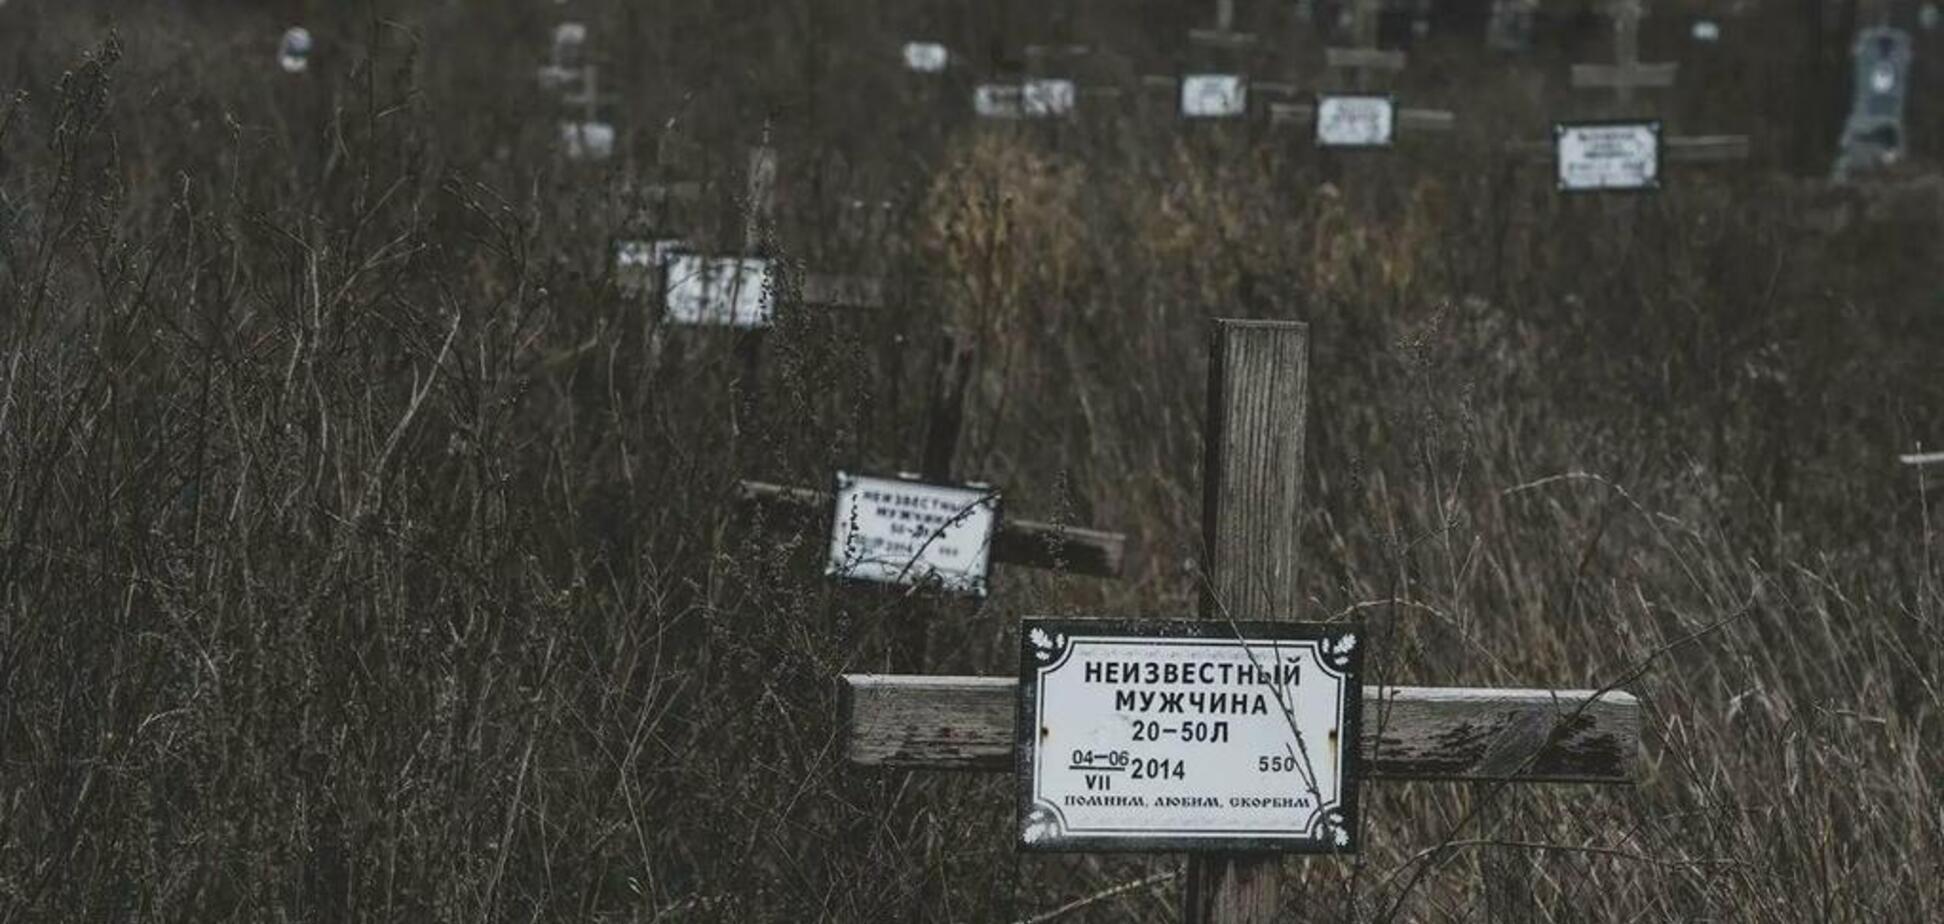 Поховання терористів у Слов'янську